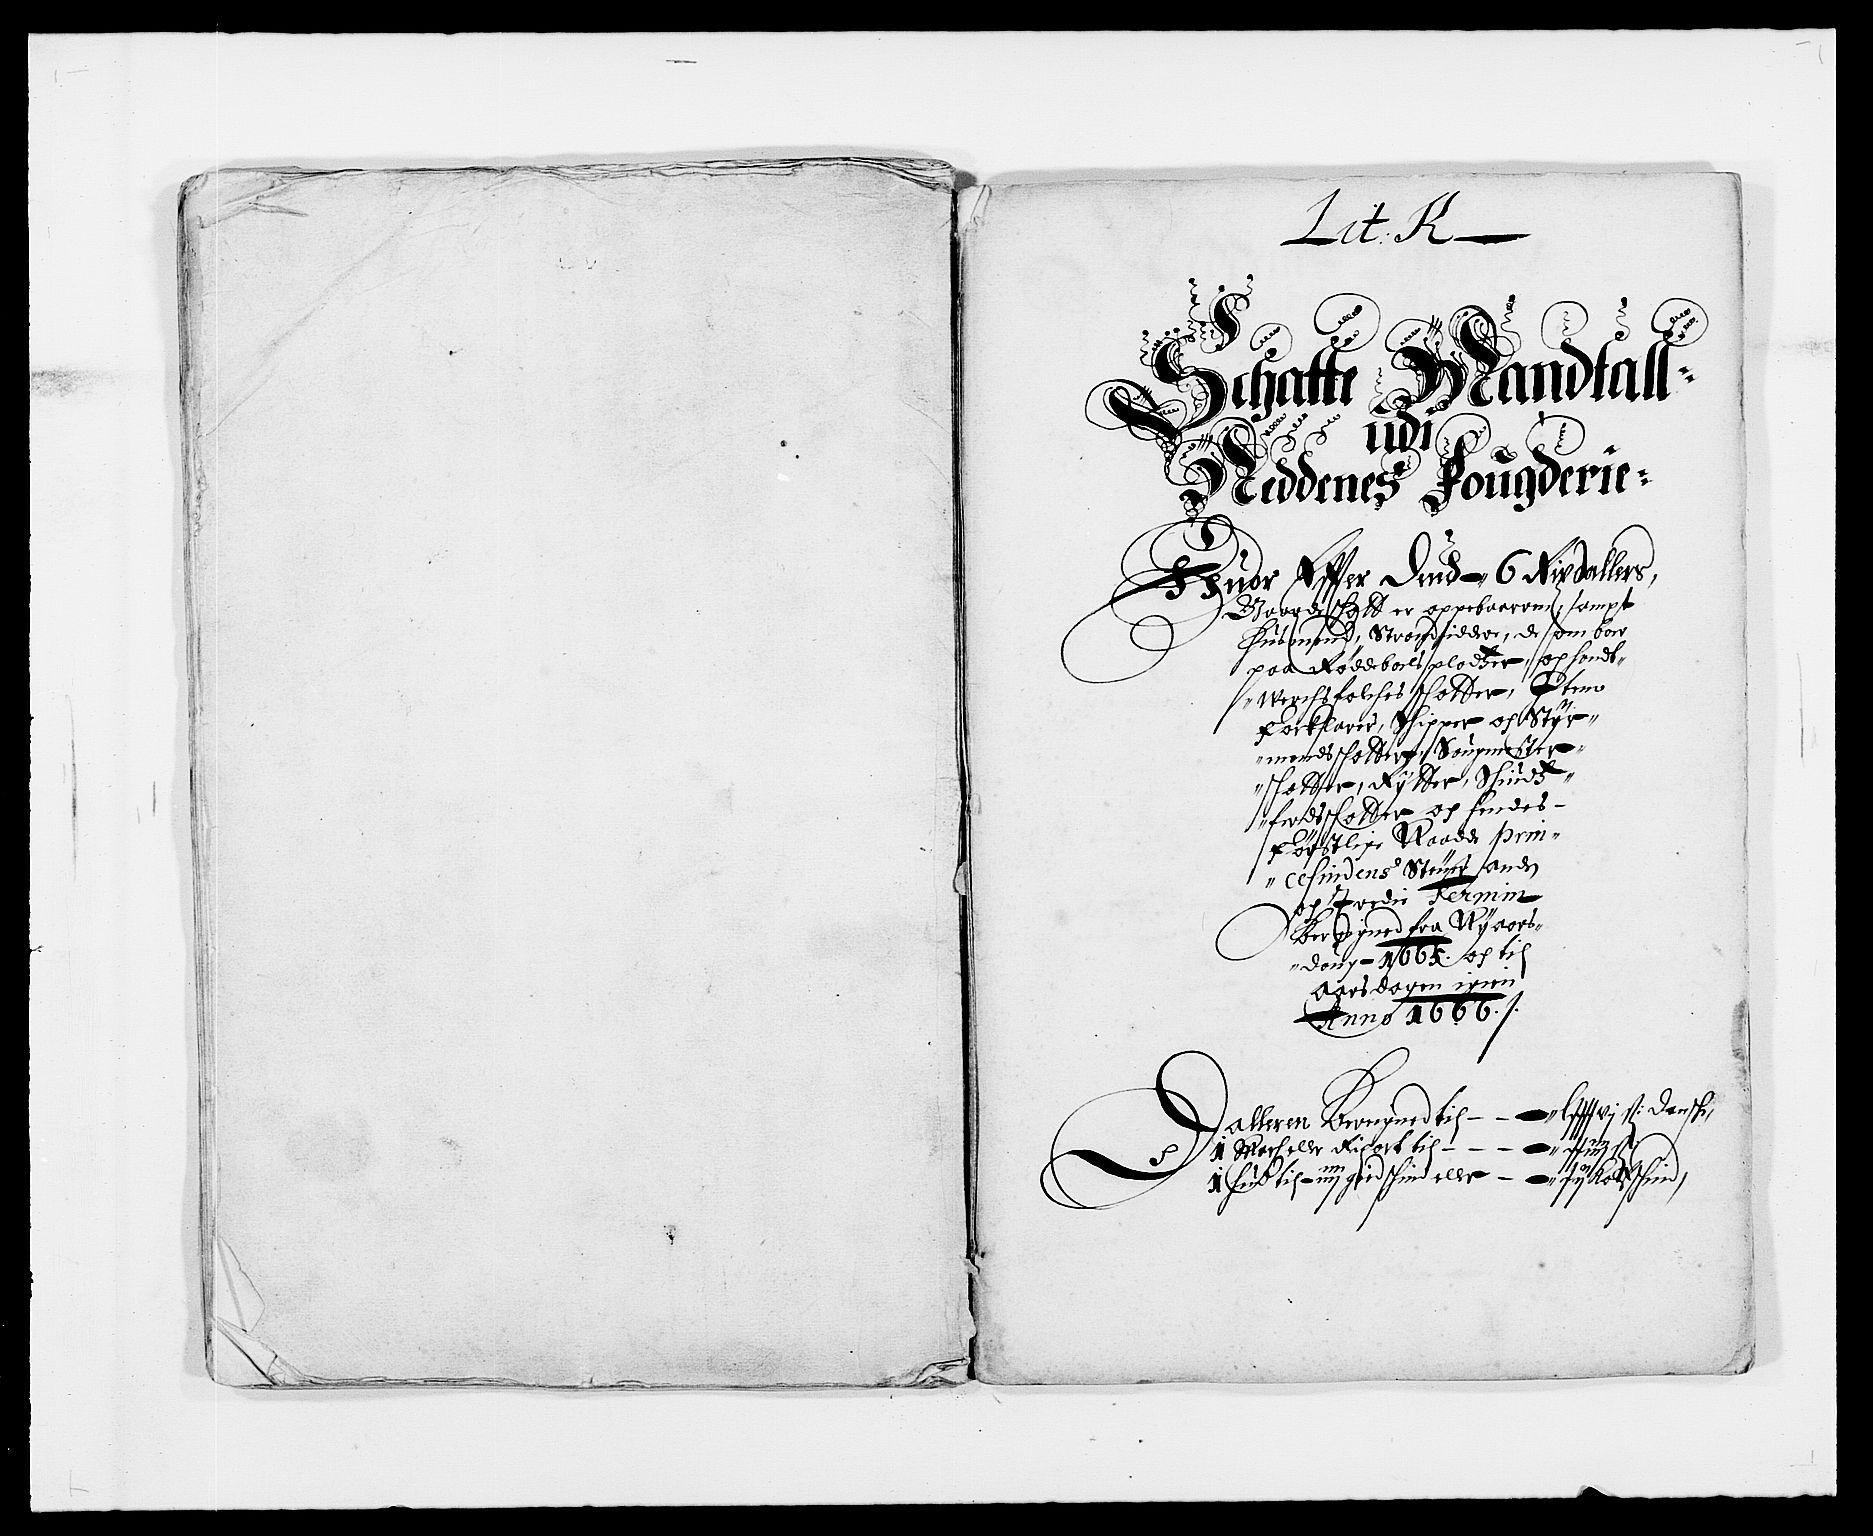 RA, Rentekammeret inntil 1814, Reviderte regnskaper, Fogderegnskap, R39/L2296: Fogderegnskap Nedenes, 1664-1666, s. 153